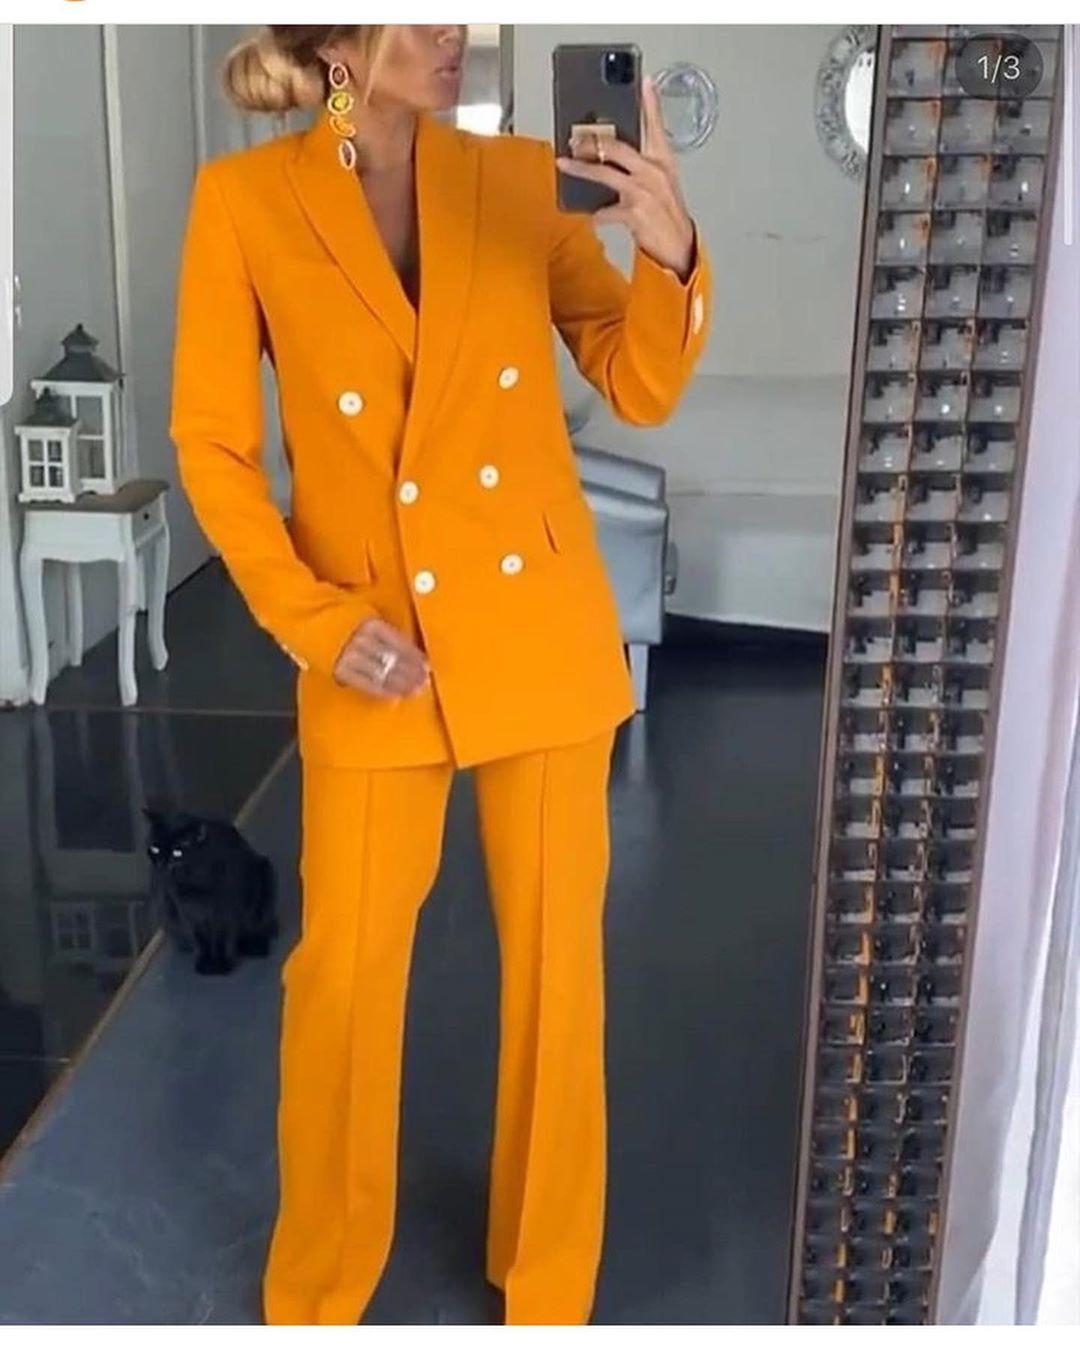 jacket with contrast button de Zara sur look_by_zara_hm